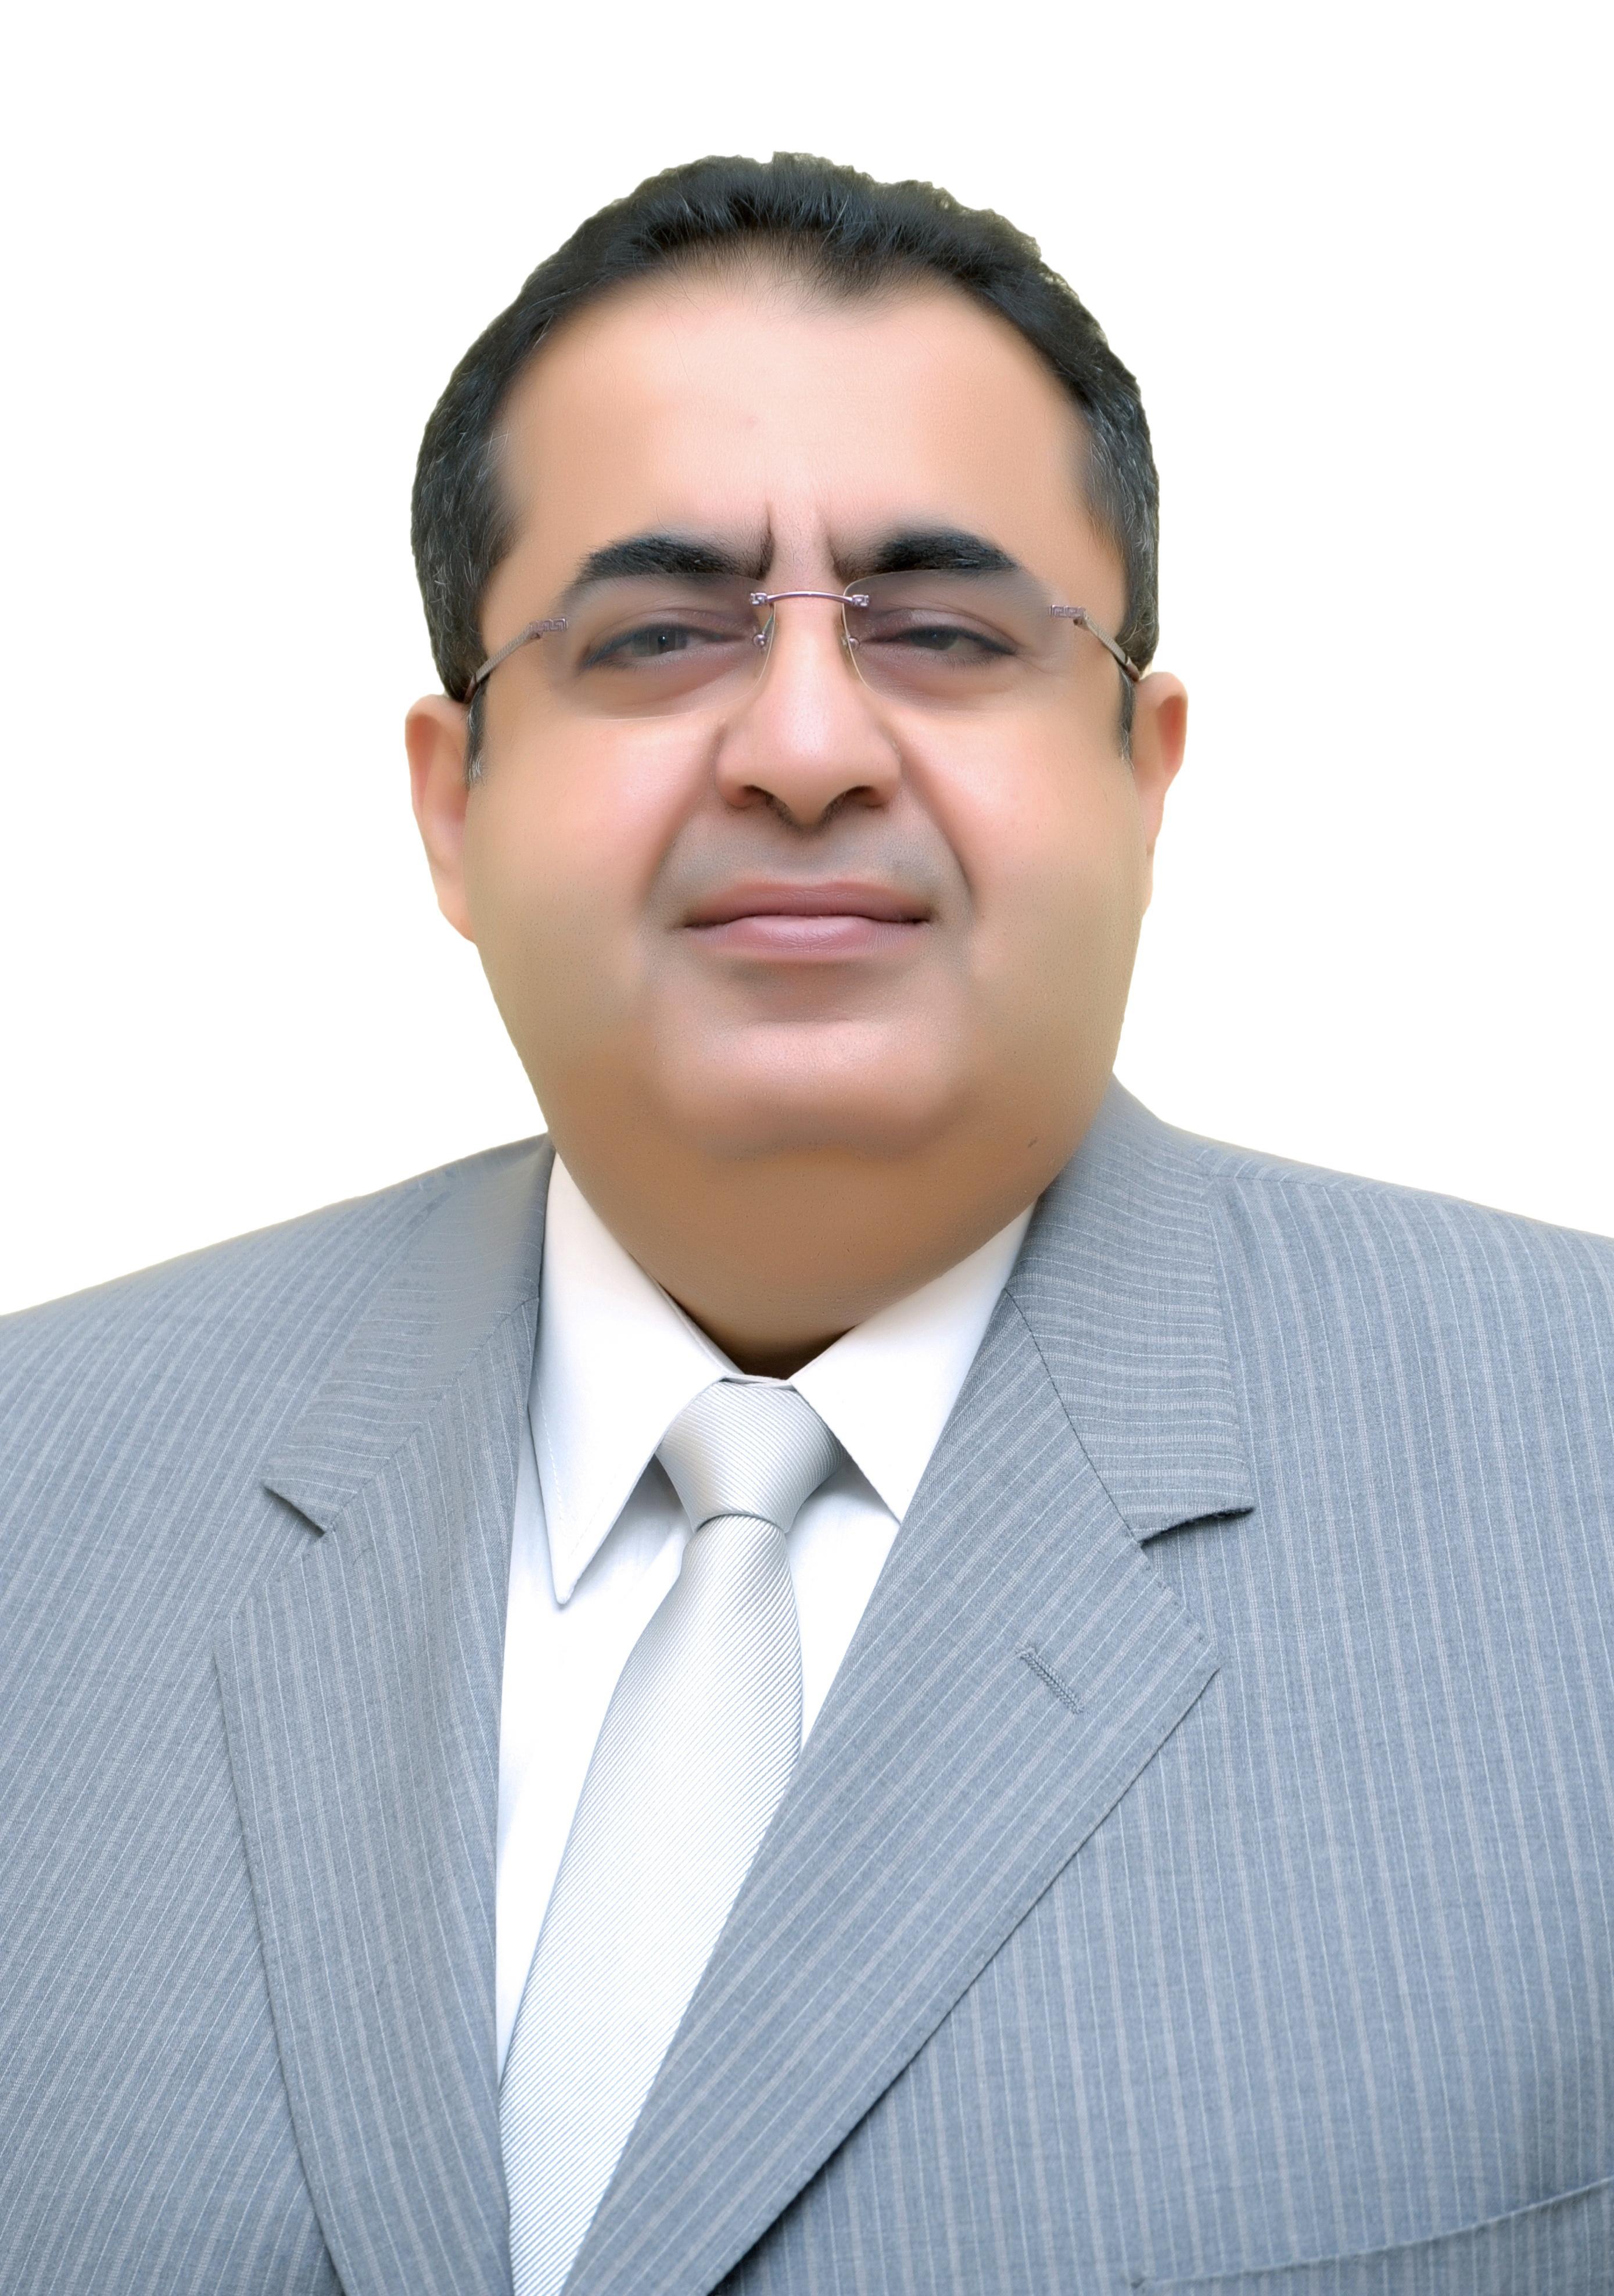 The Kuwaiti Ambassador To Spain Adel Hamad Al Ayyar